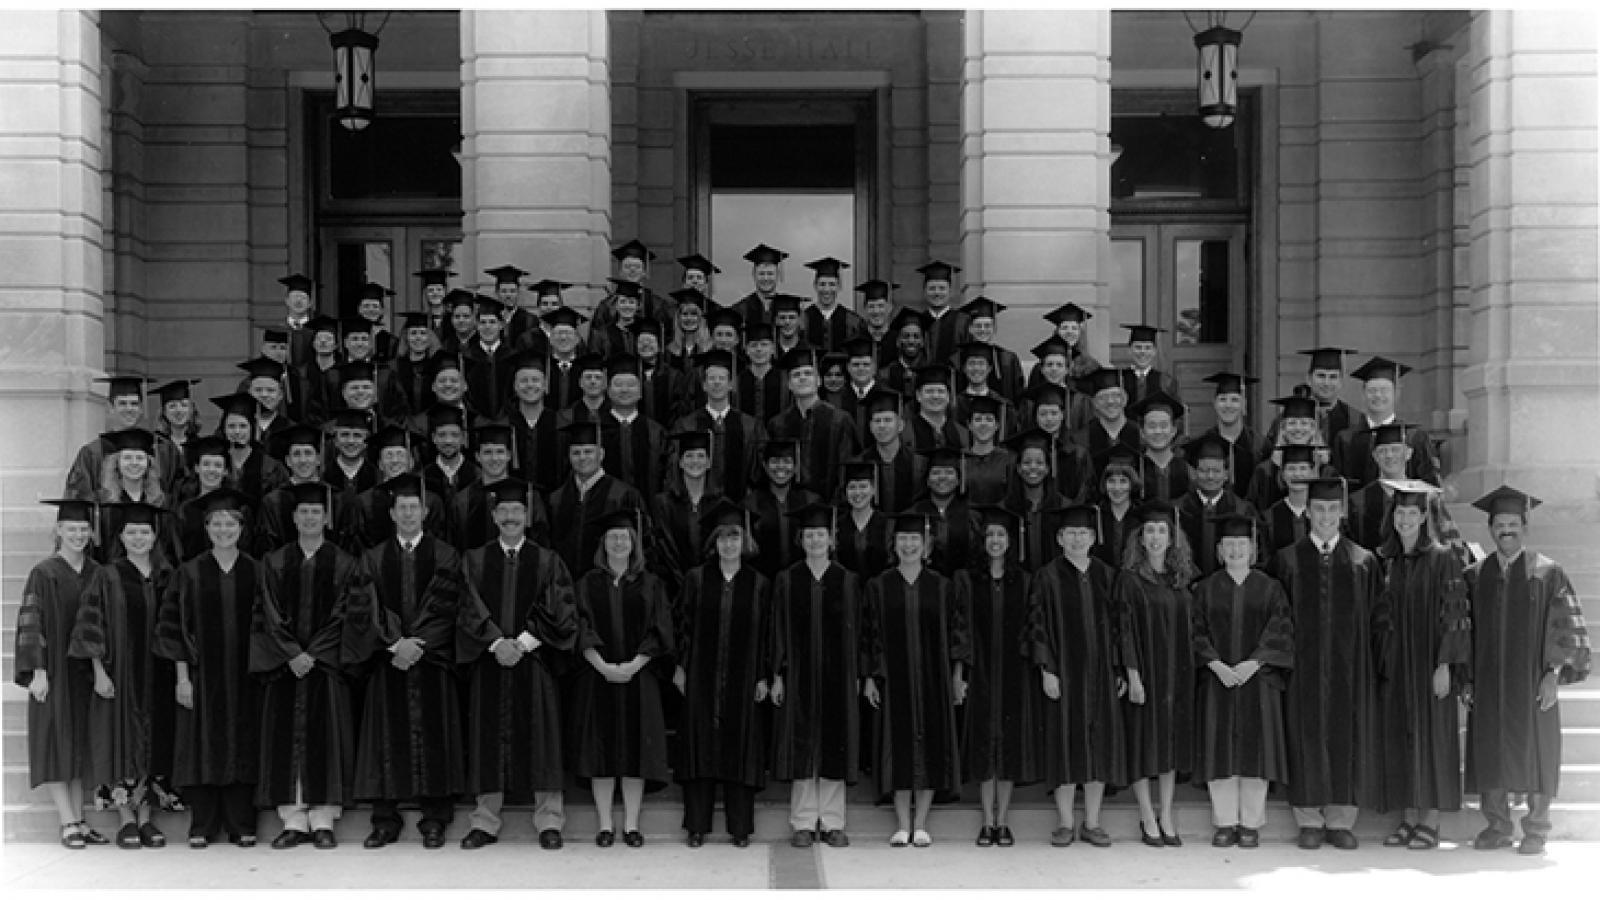 Class of 2000 portrait